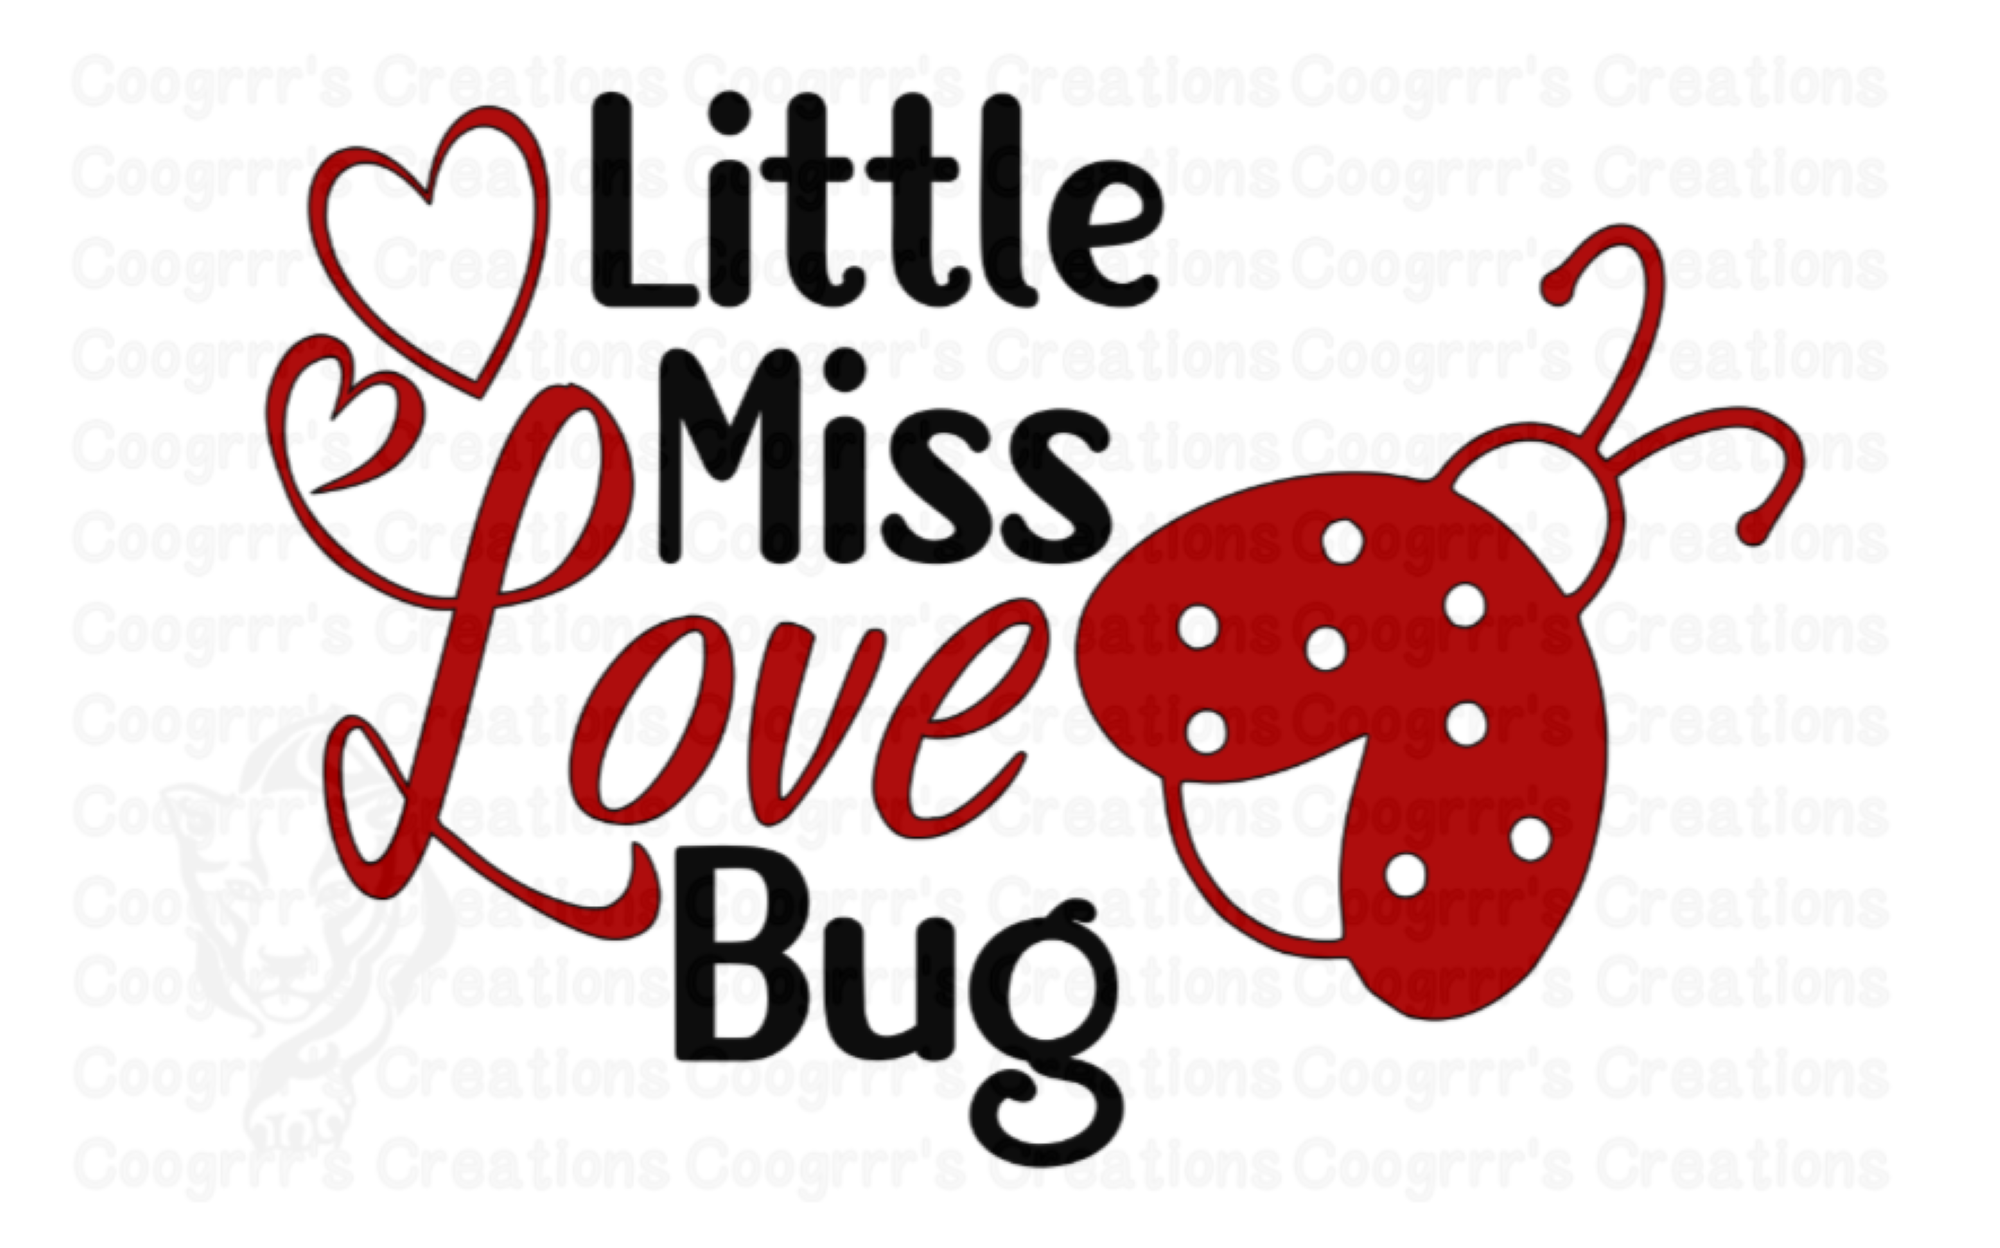 Download Little Love Bug Svg - Carles Pen